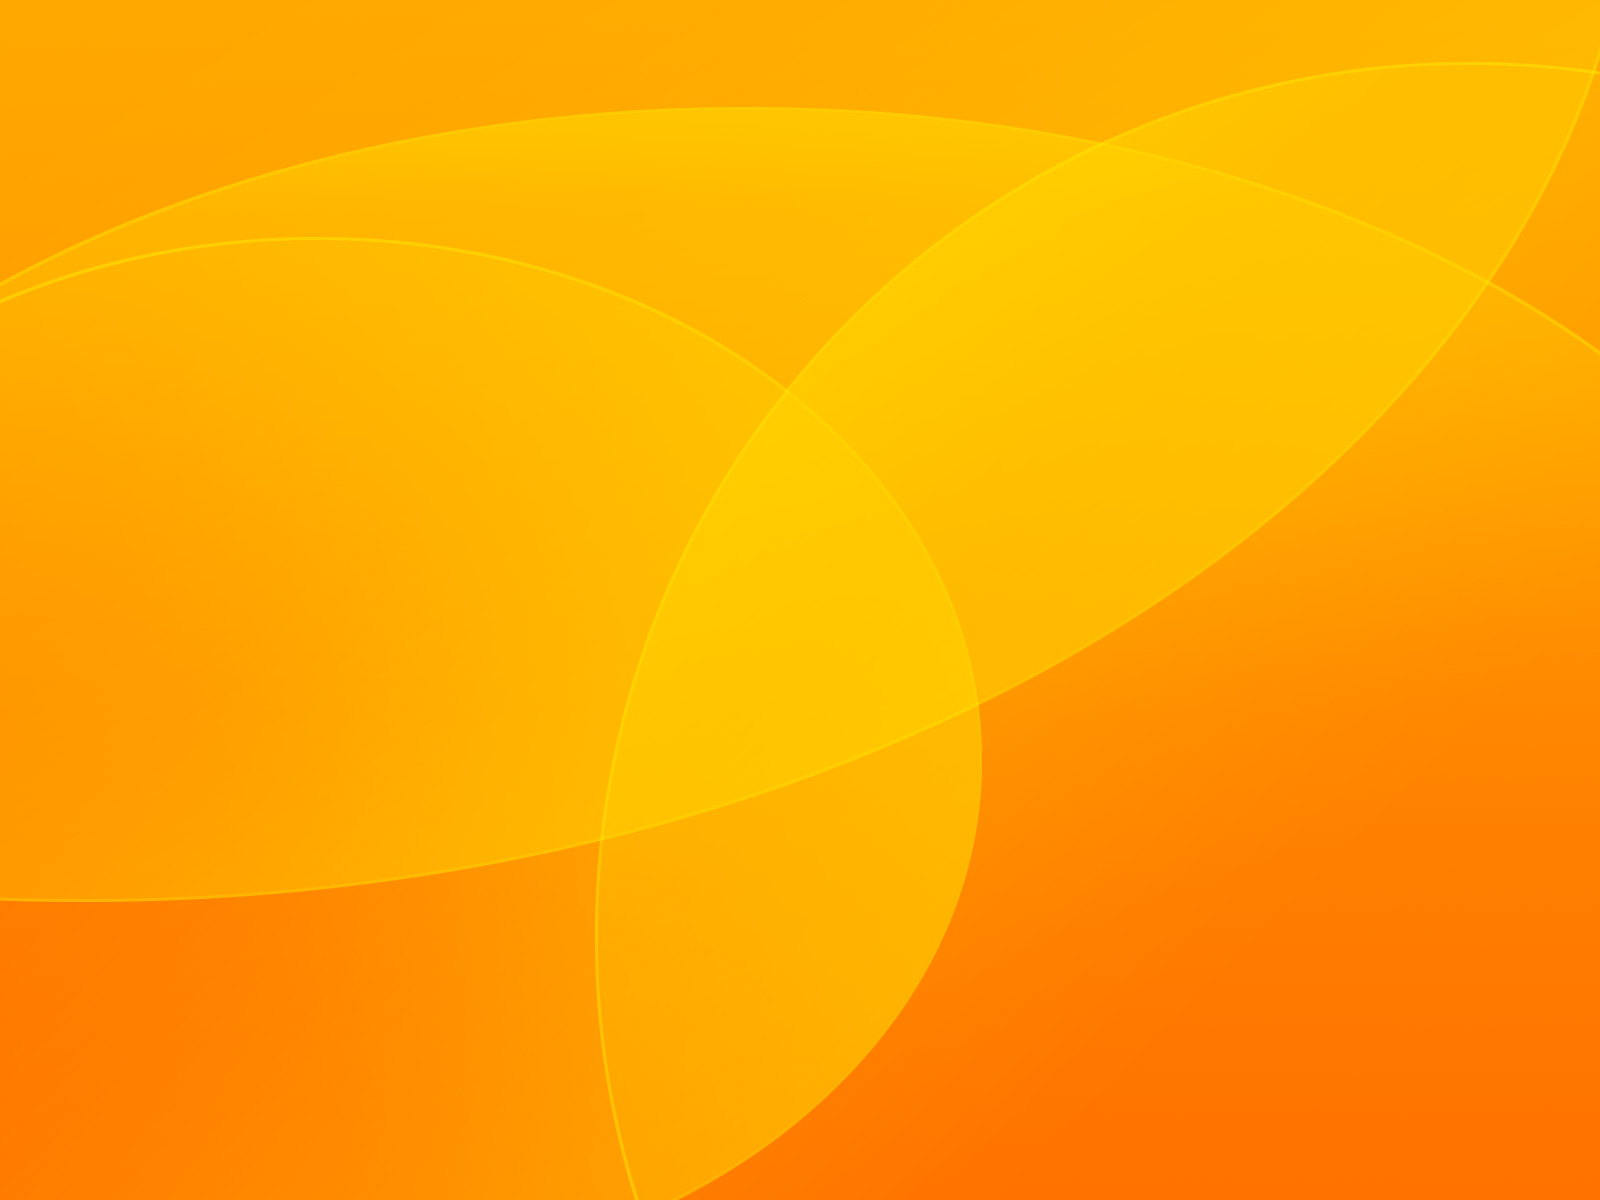 обои для рабочего стола, оранжевые обои, orange, wallpaper